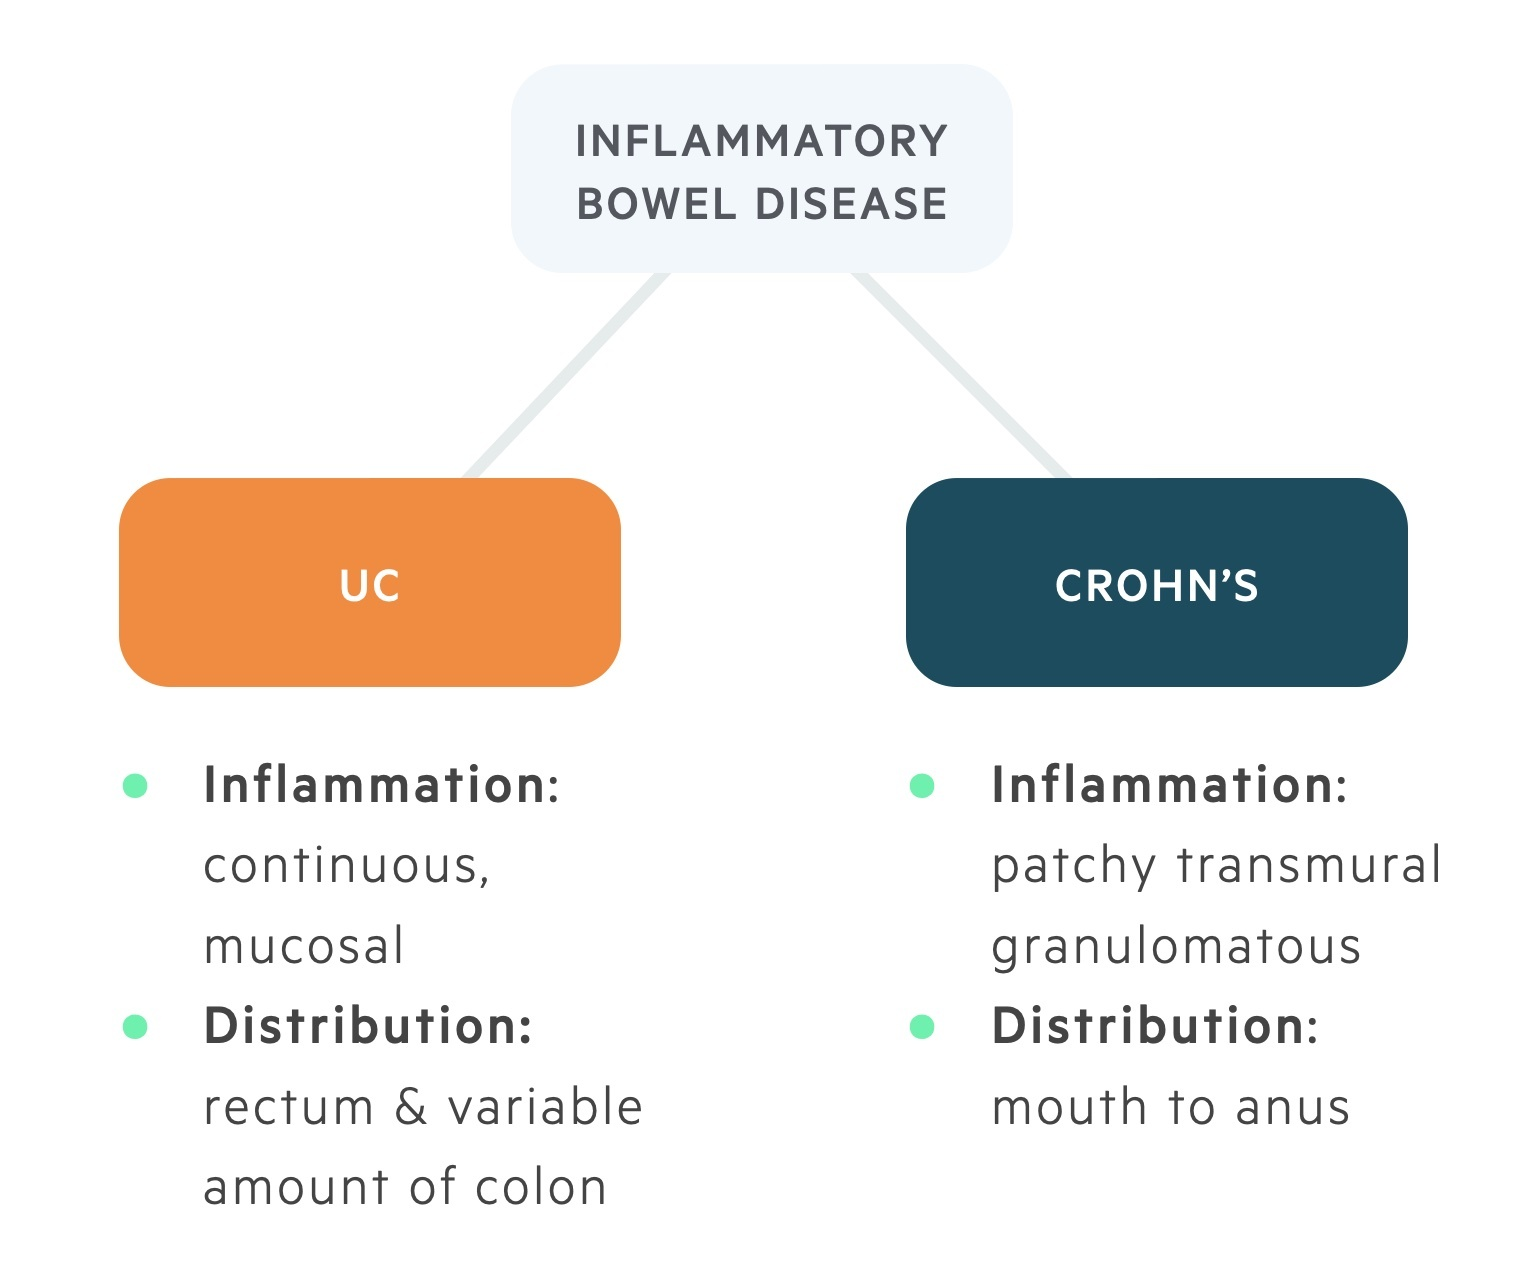 Types of inflammatory bowel disease (IBD)